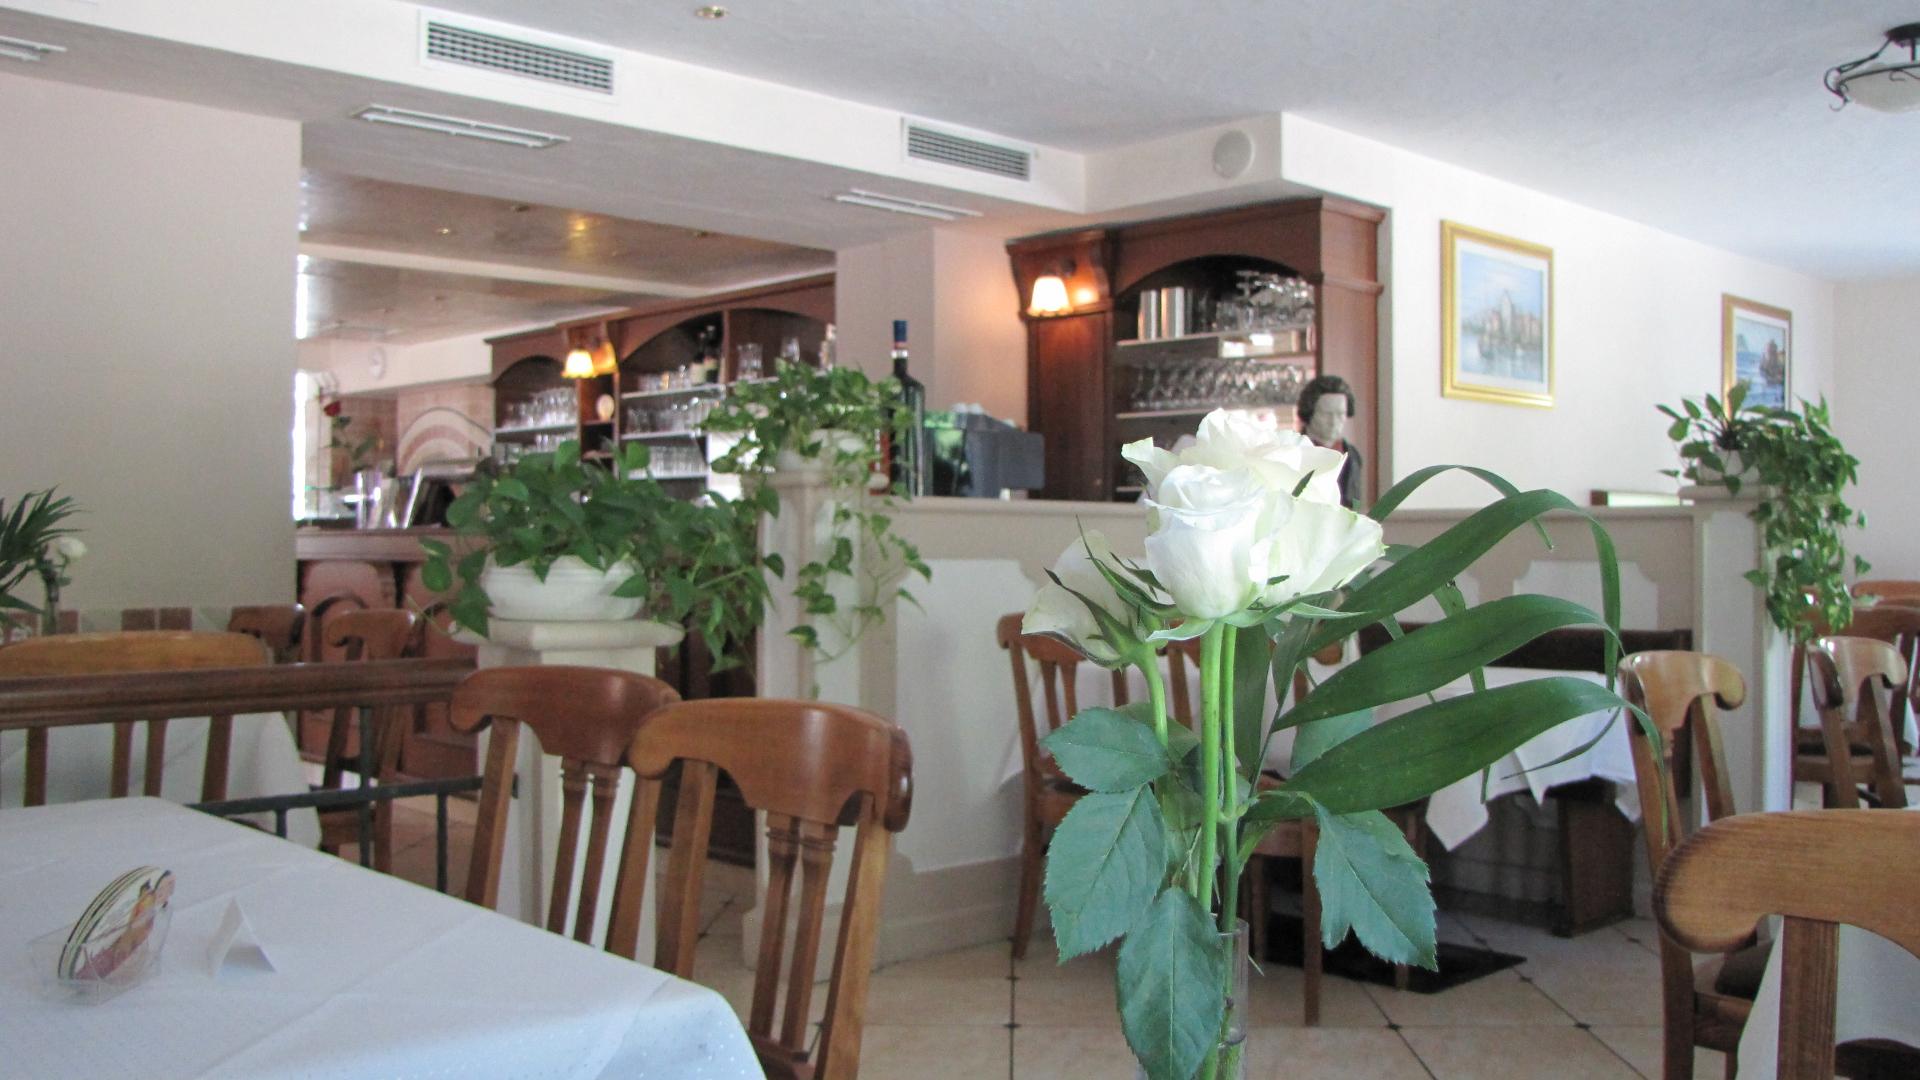 Ristorante Pizzeria und Hotel O Sole Mio